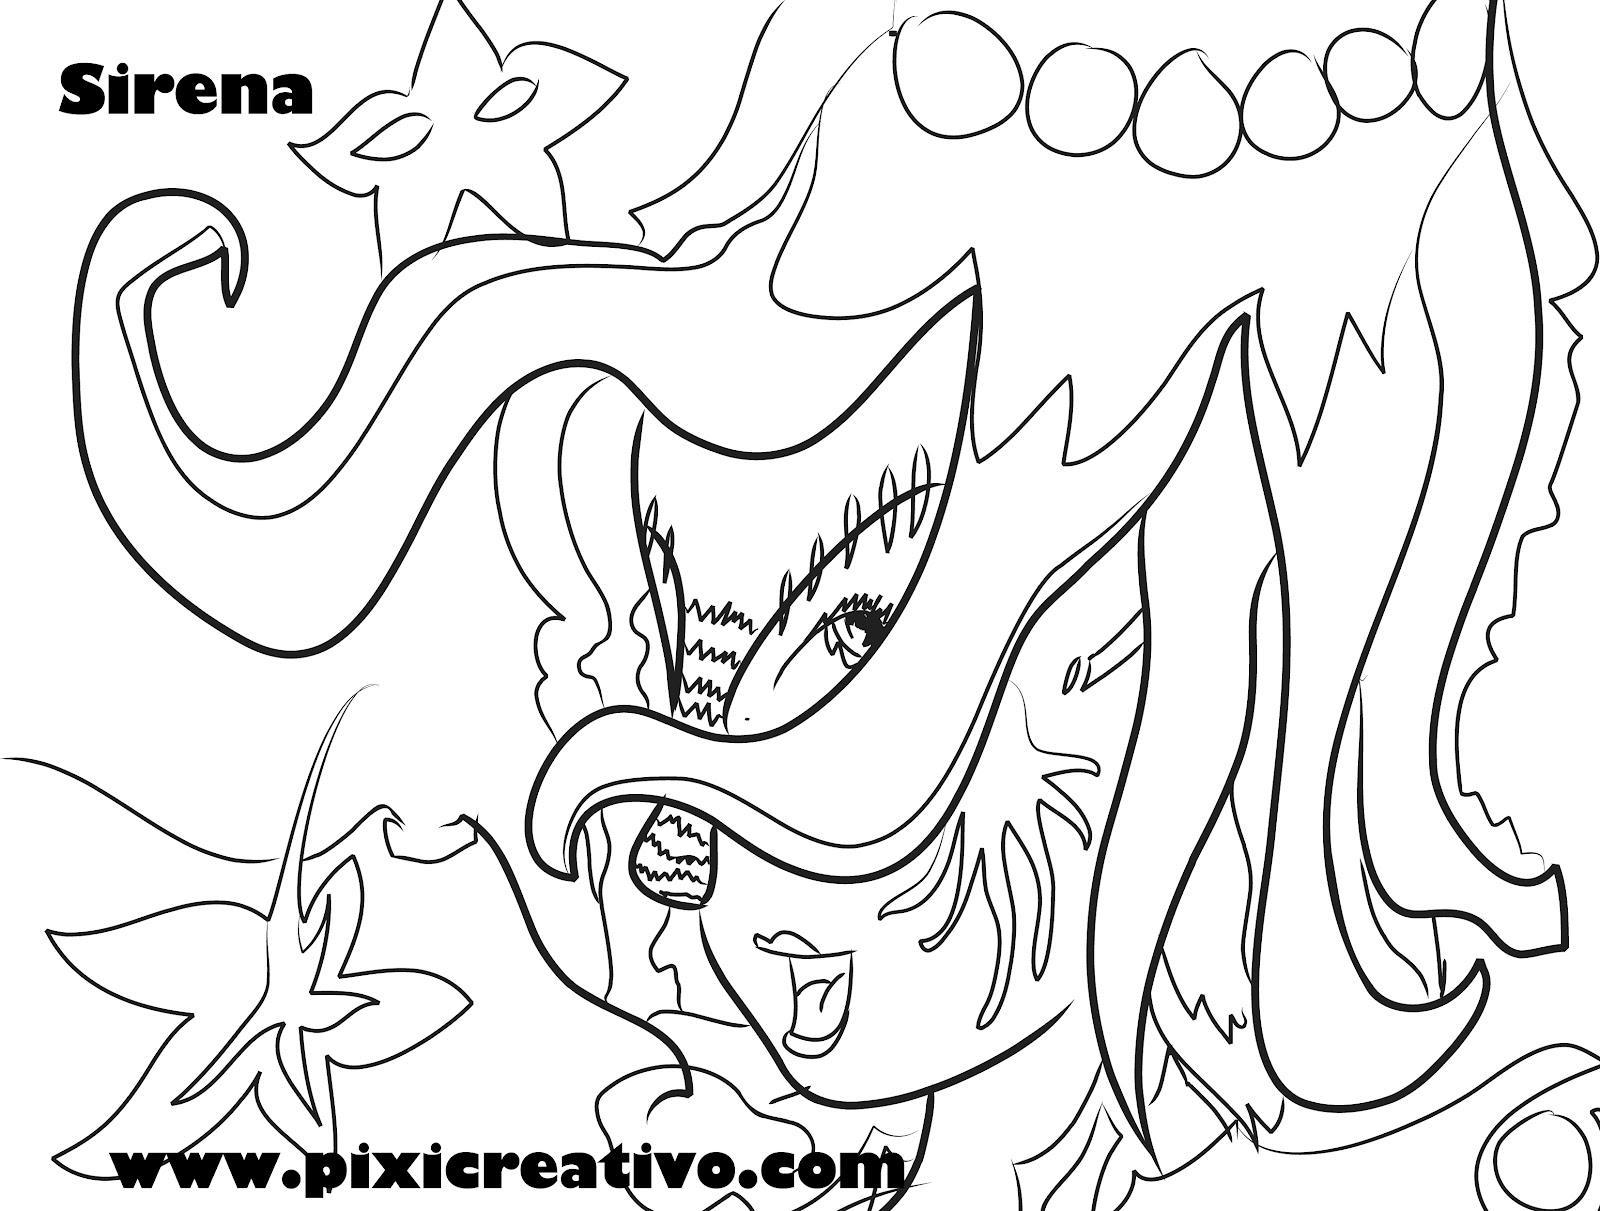 Hermosa Dora Sirena Para Colorear Elaboración - Enmarcado Para ...